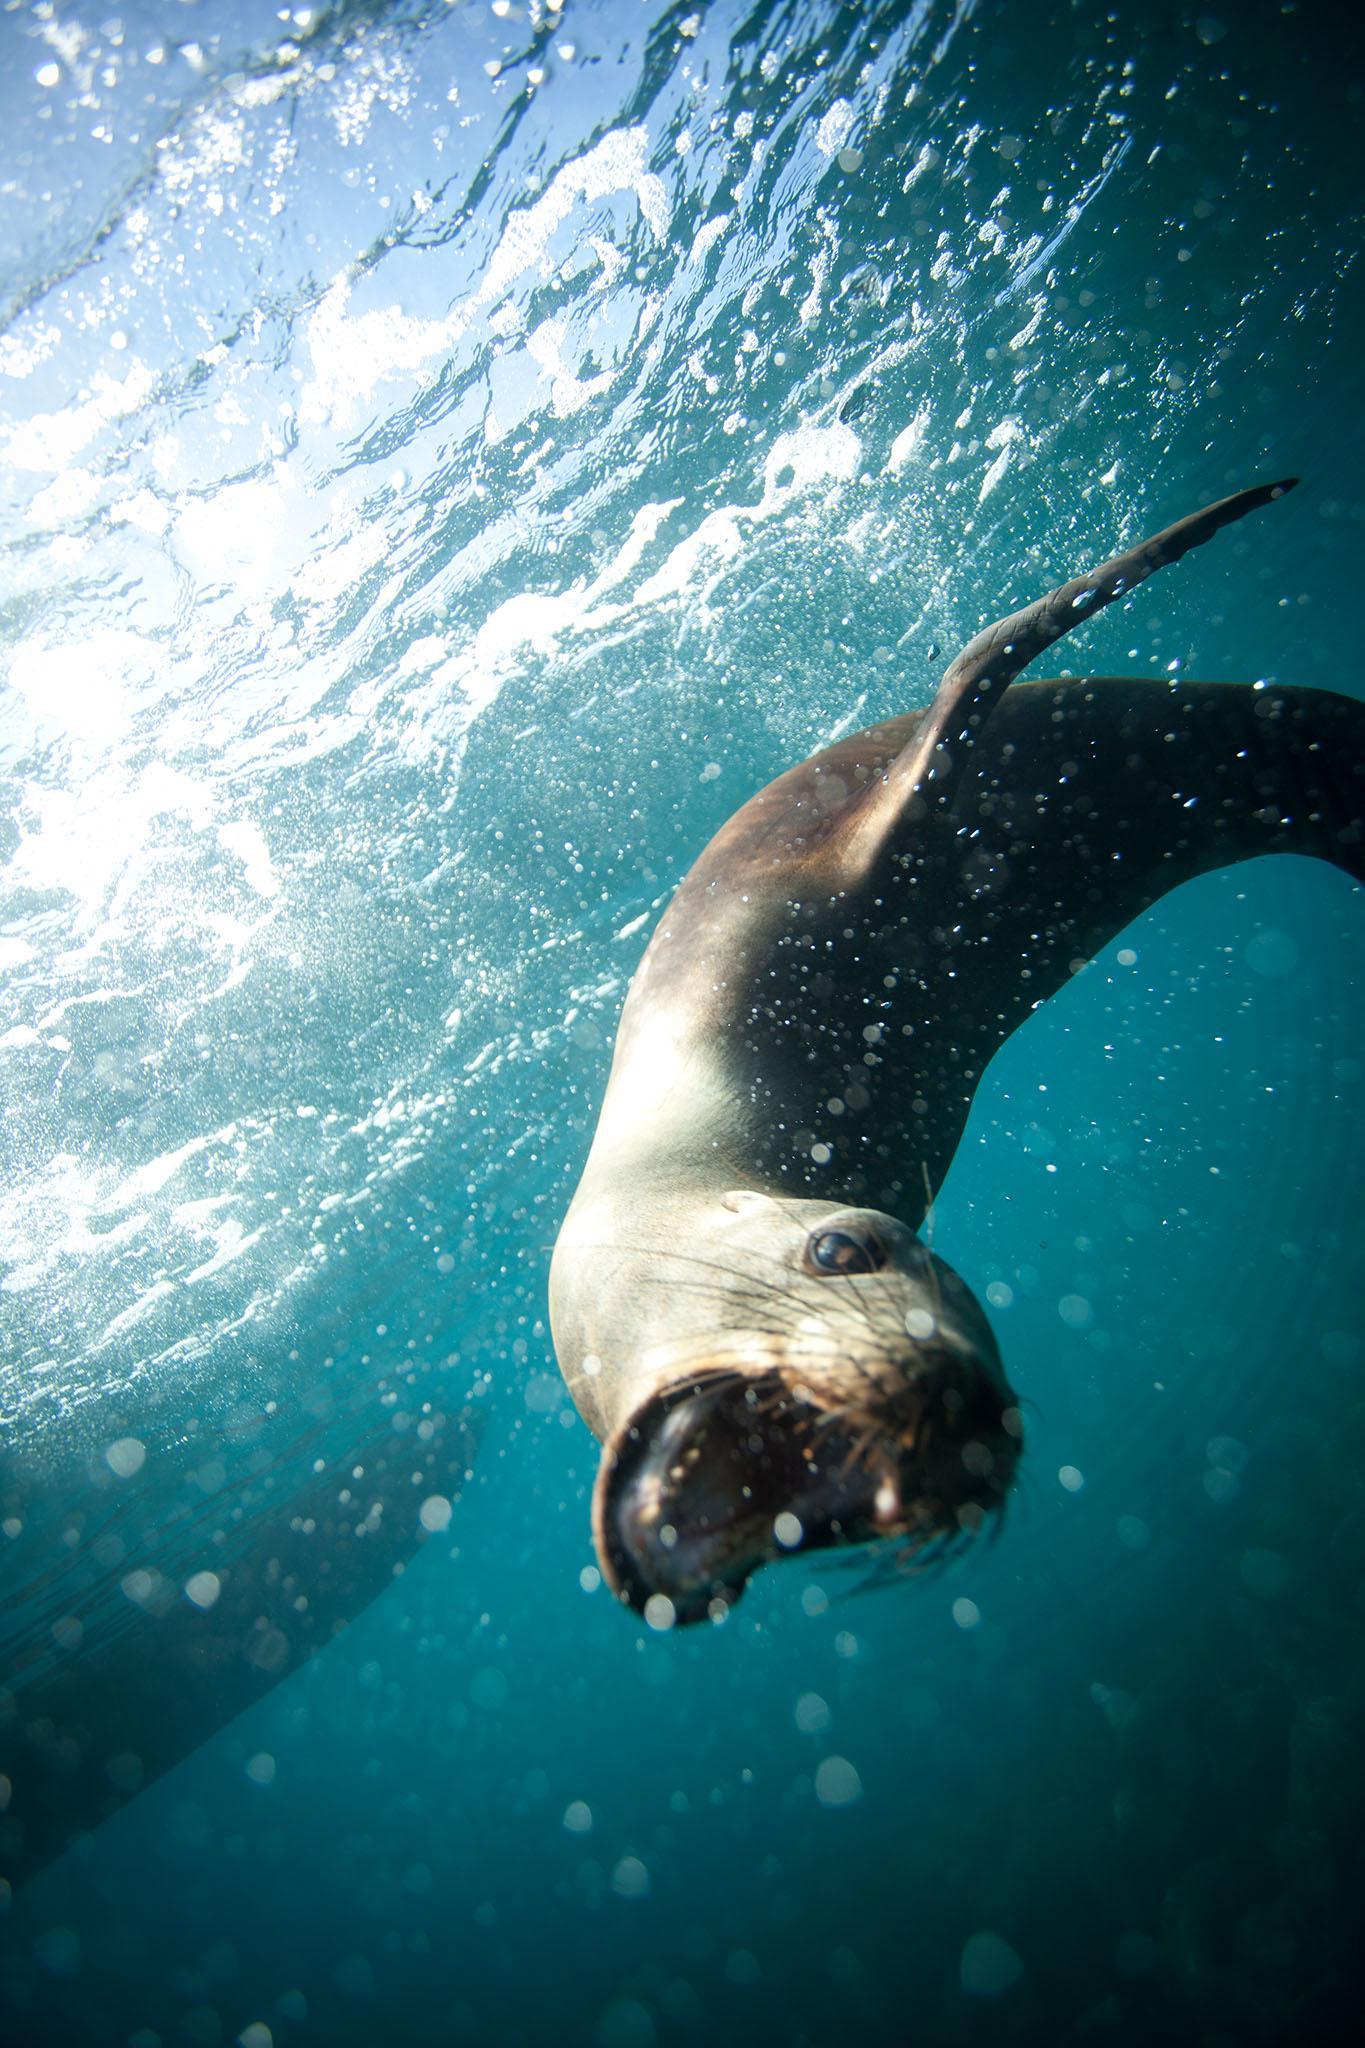 019-TW-Galapagos-121118.jpg